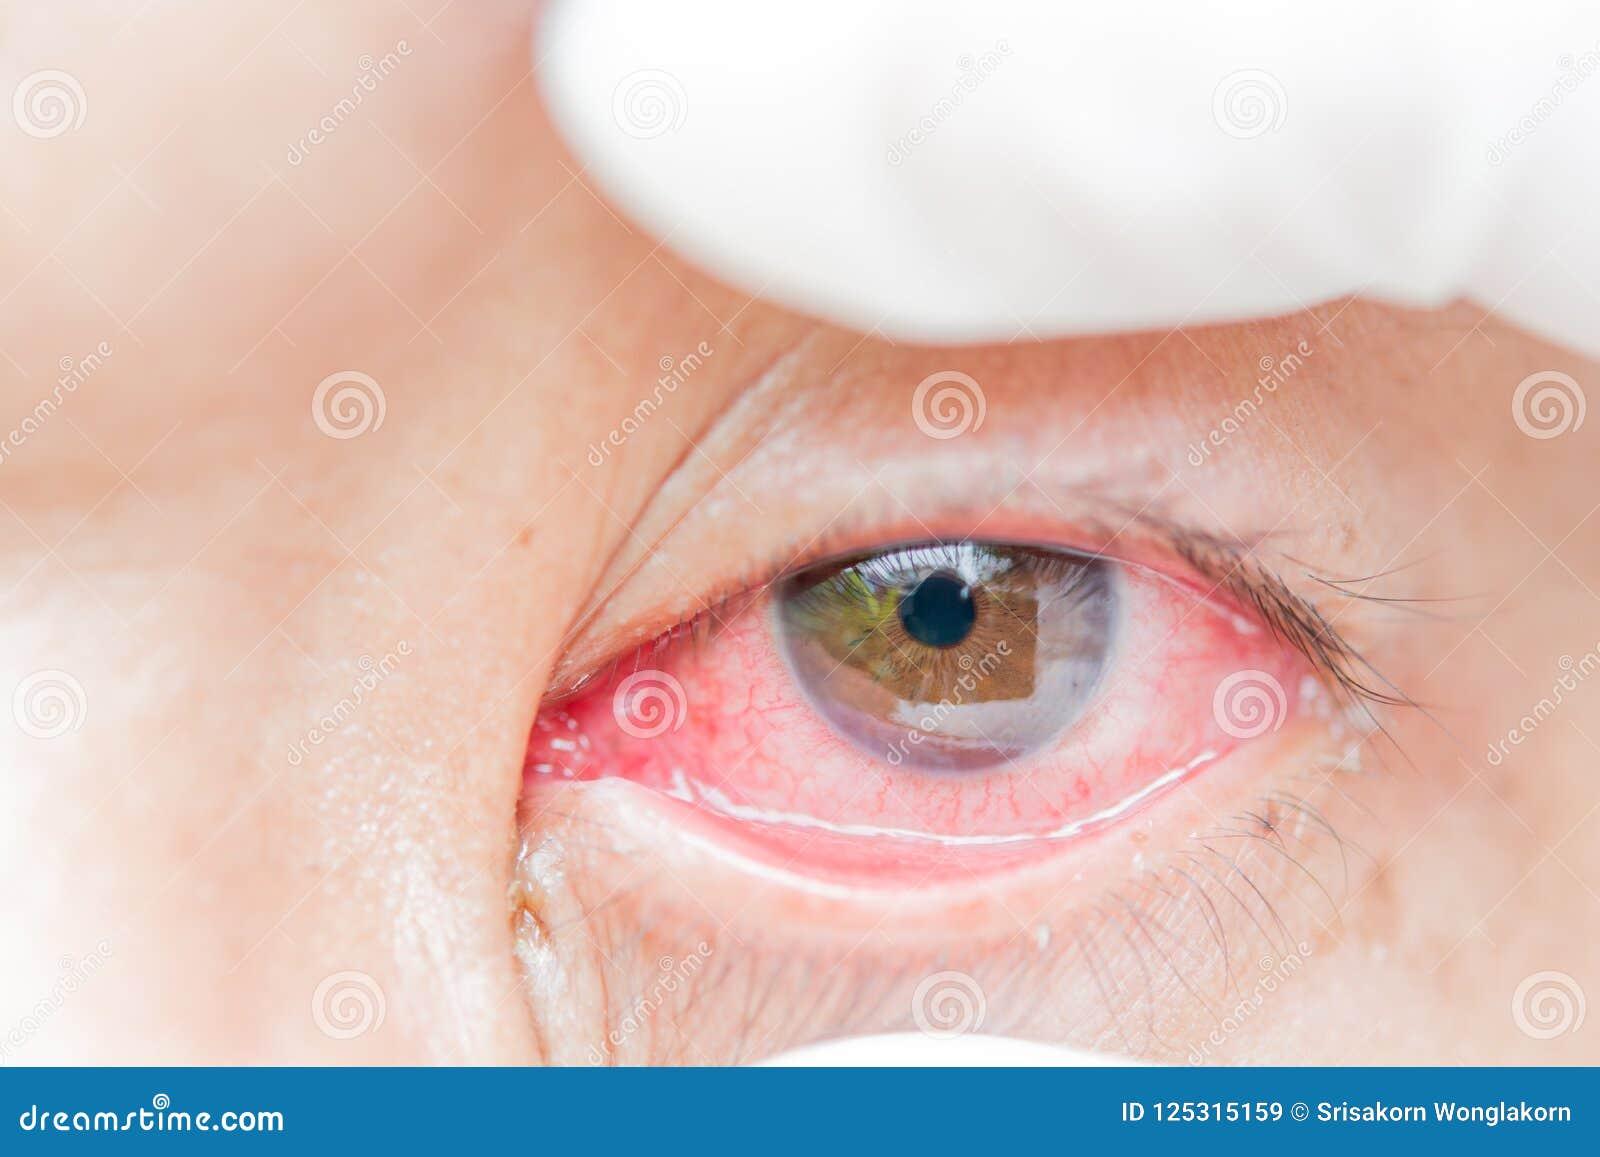 Bindvliesontsteking en ontsteking in de ogen